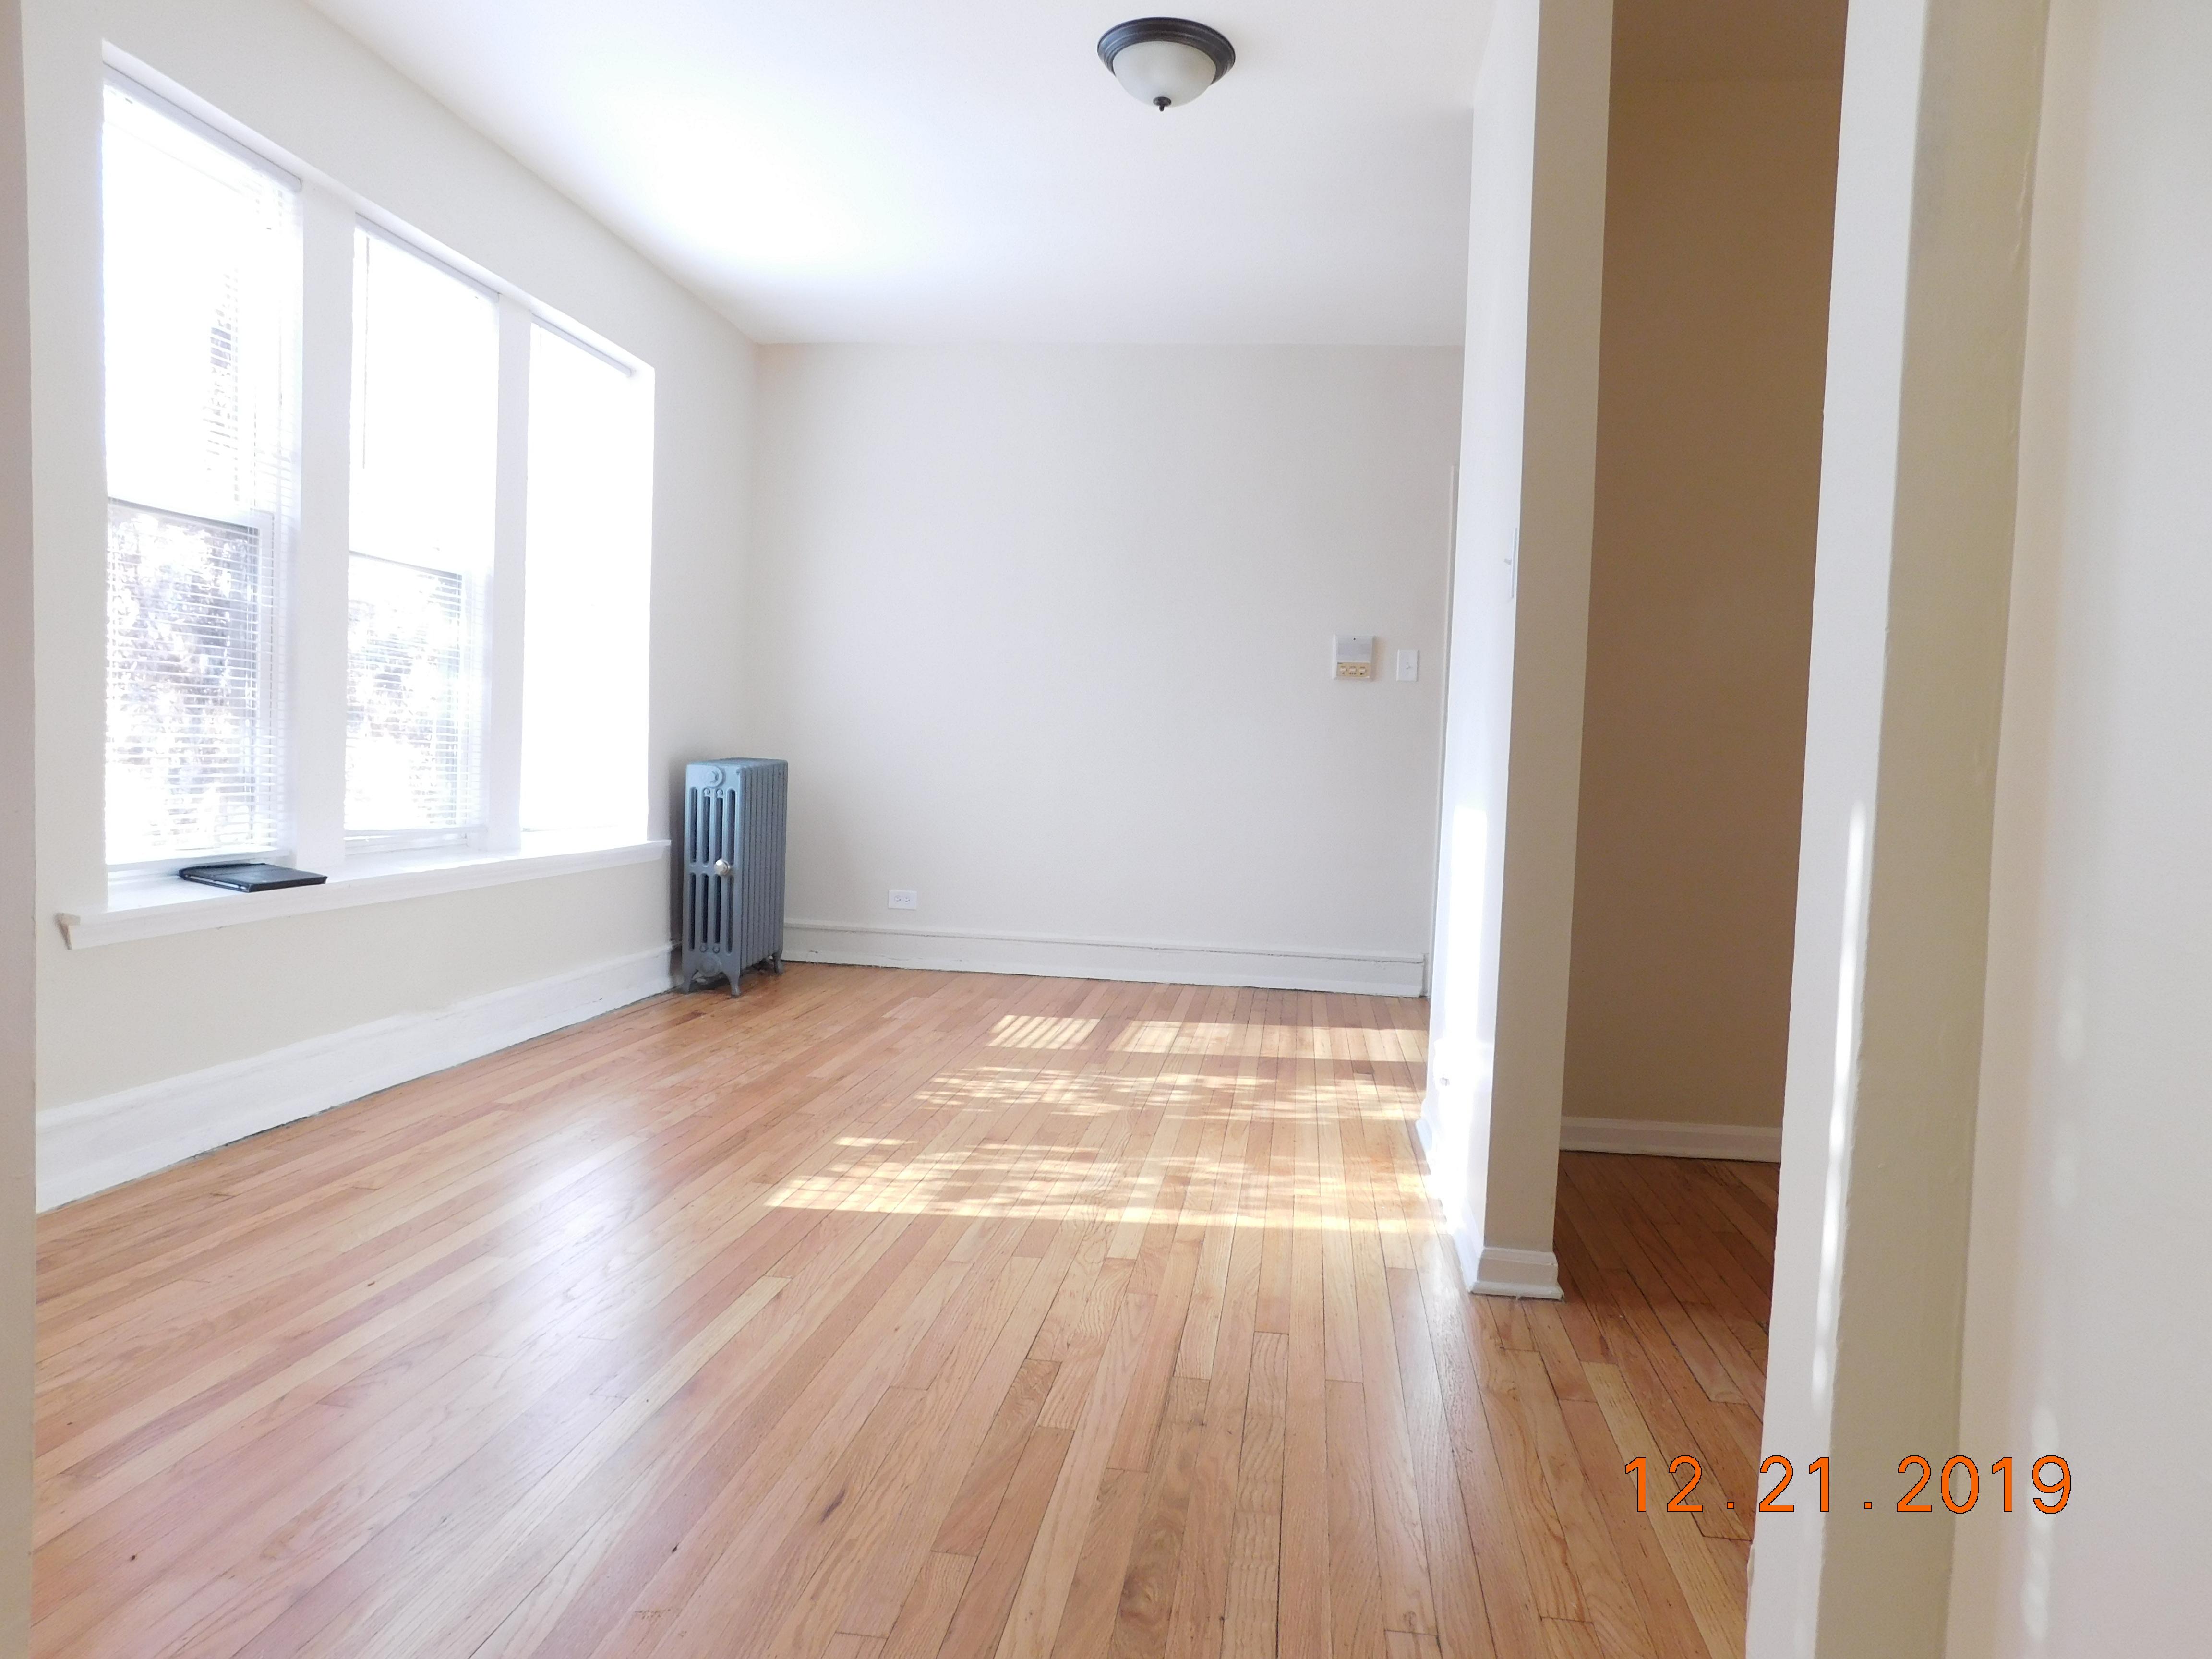 Studio Apartment in Austin Area Chicago IL | RENT RABBIT